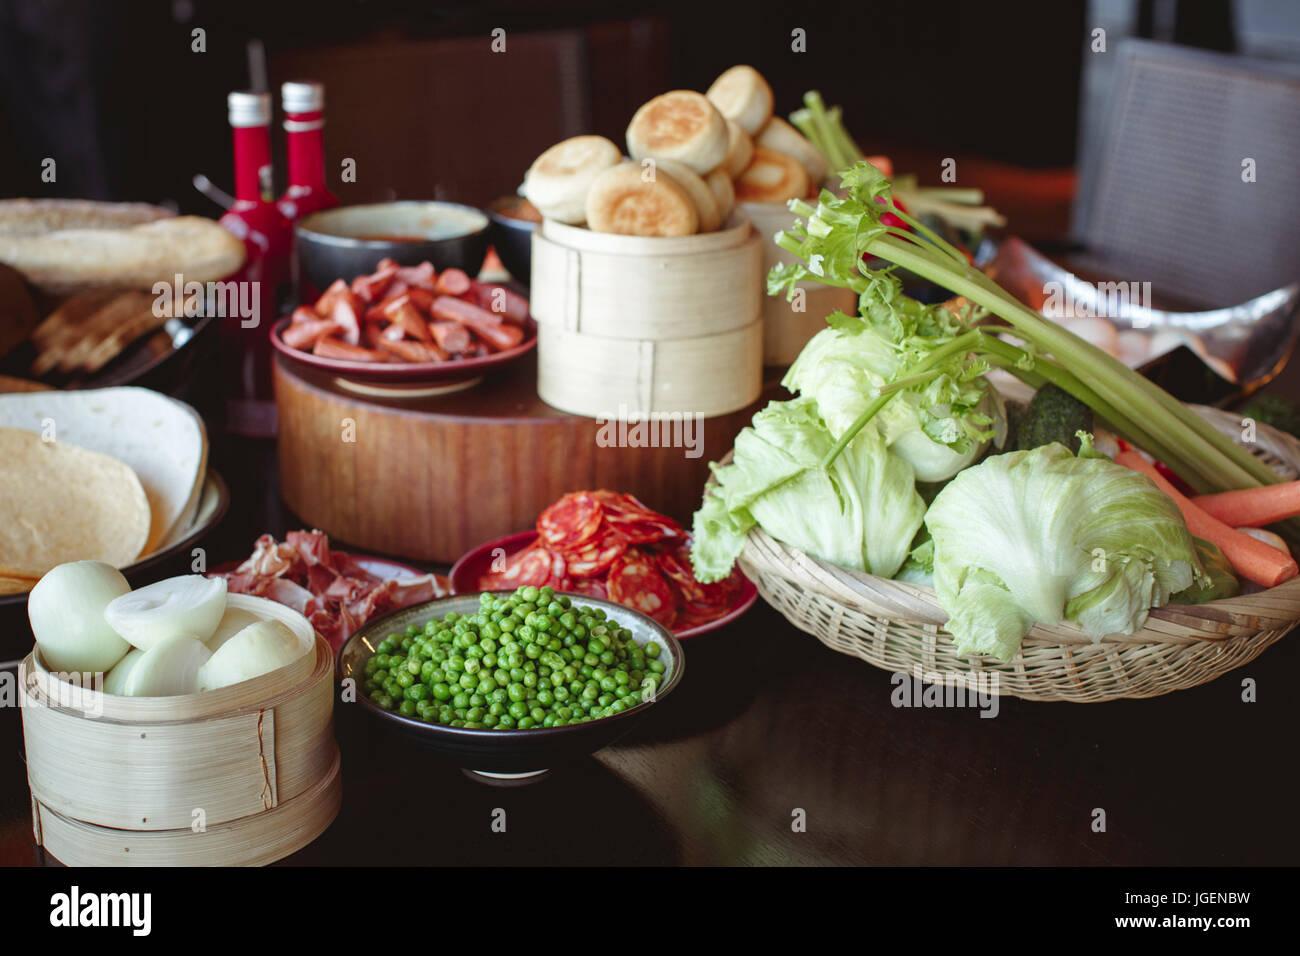 Fresh tasty food on table - Stock Image